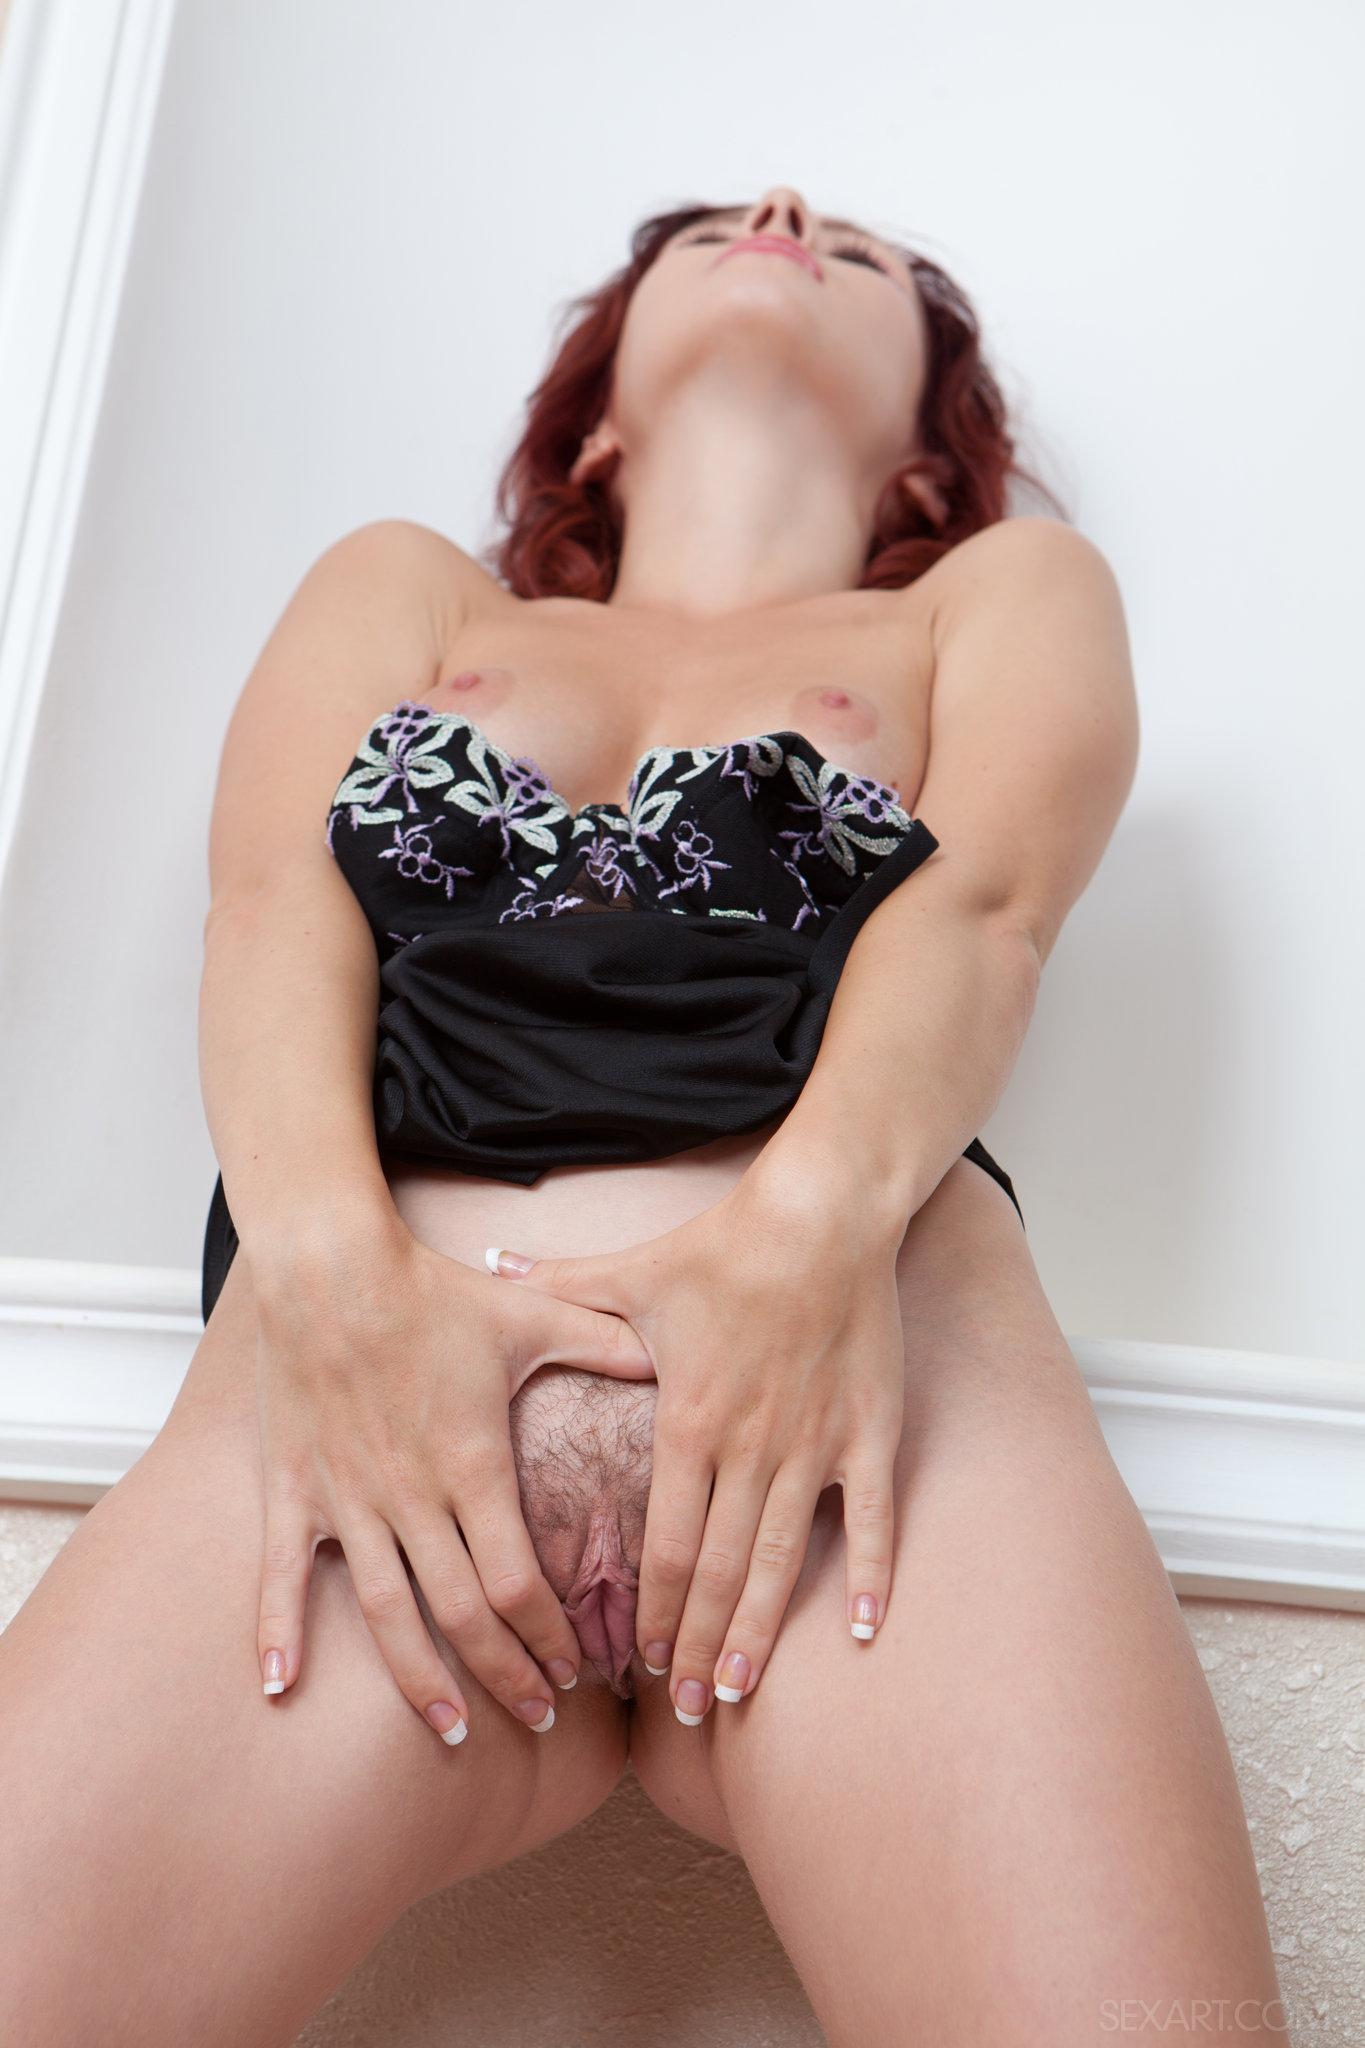 Хуище для проститутки 19 фотография